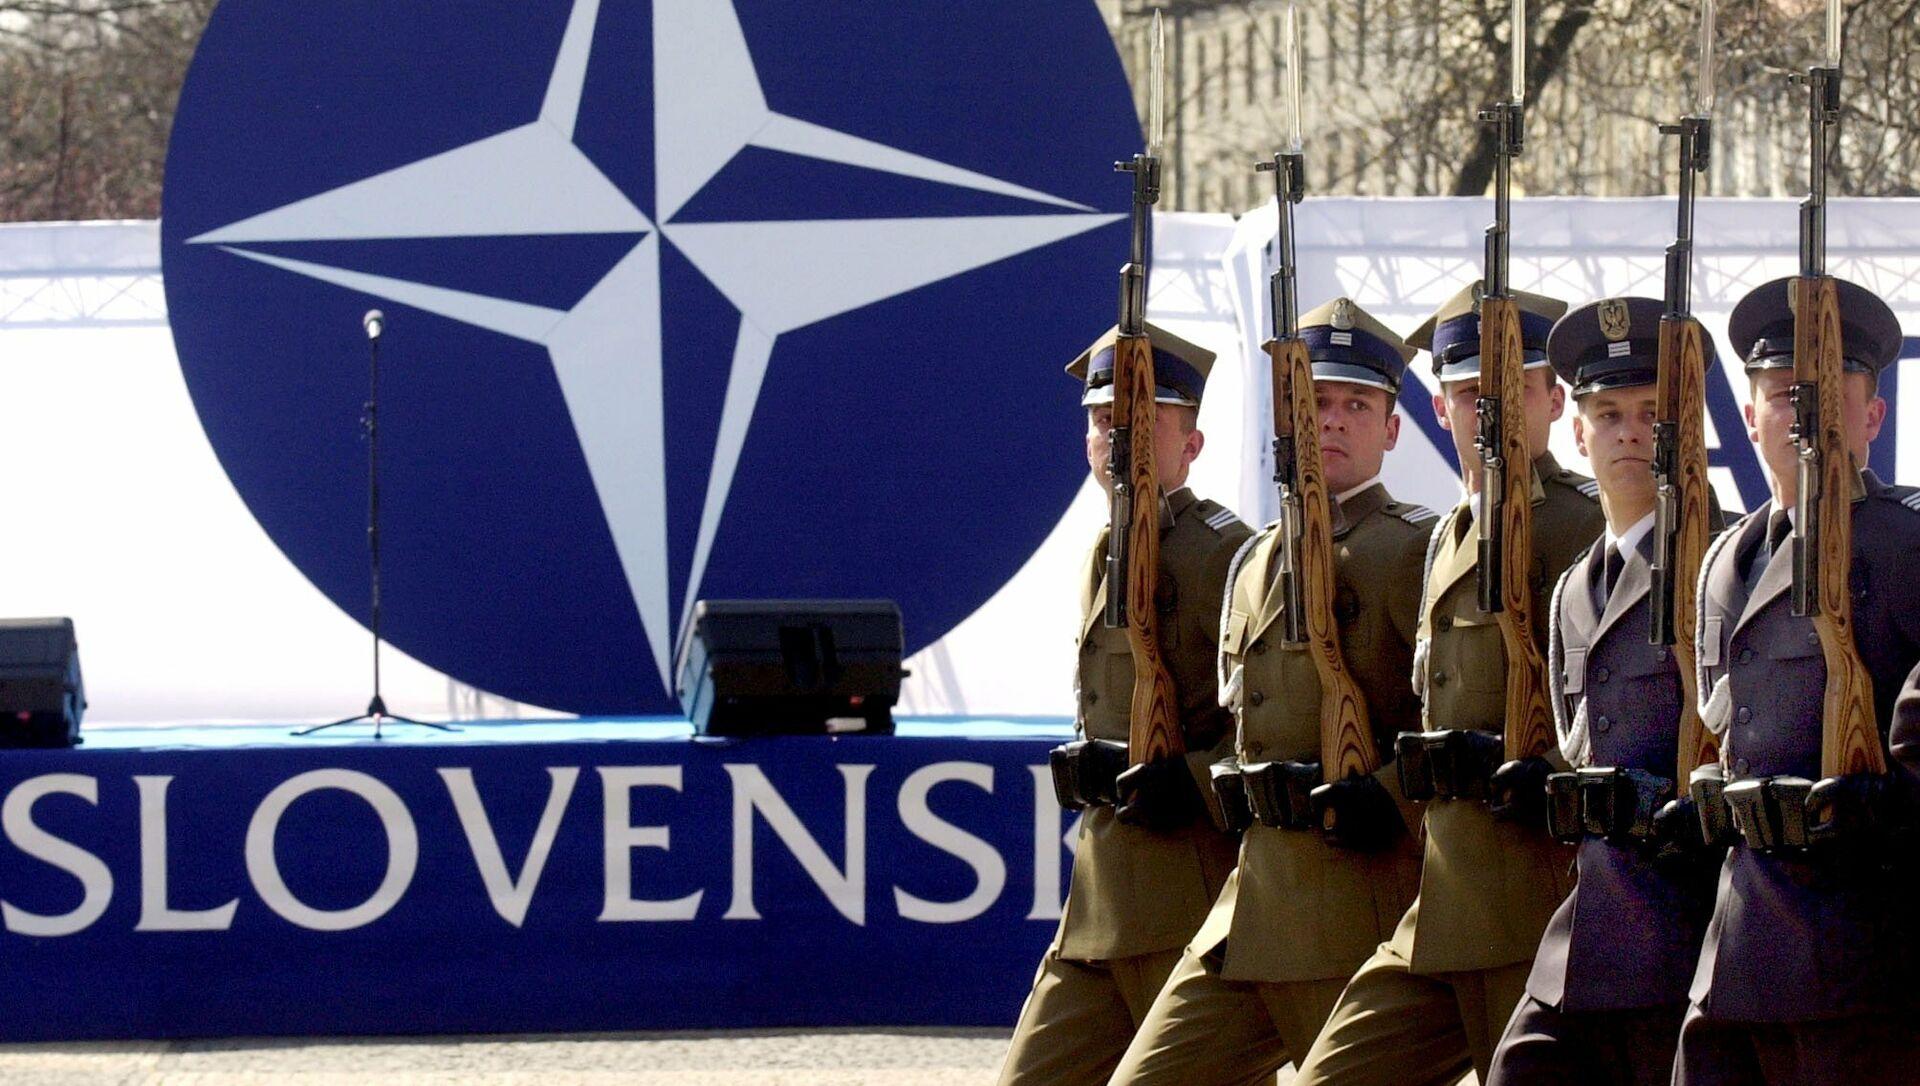 Các thành viên của đội bảo vệ danh dự giơ vũ khí trước logo NATO trong buổi lễ đánh dấu các nước gia nhập liên minh quân sự vào thứ Sáu, ngày 2 tháng 4 năm 2004 tại Bratislava - Sputnik Việt Nam, 1920, 13.08.2021